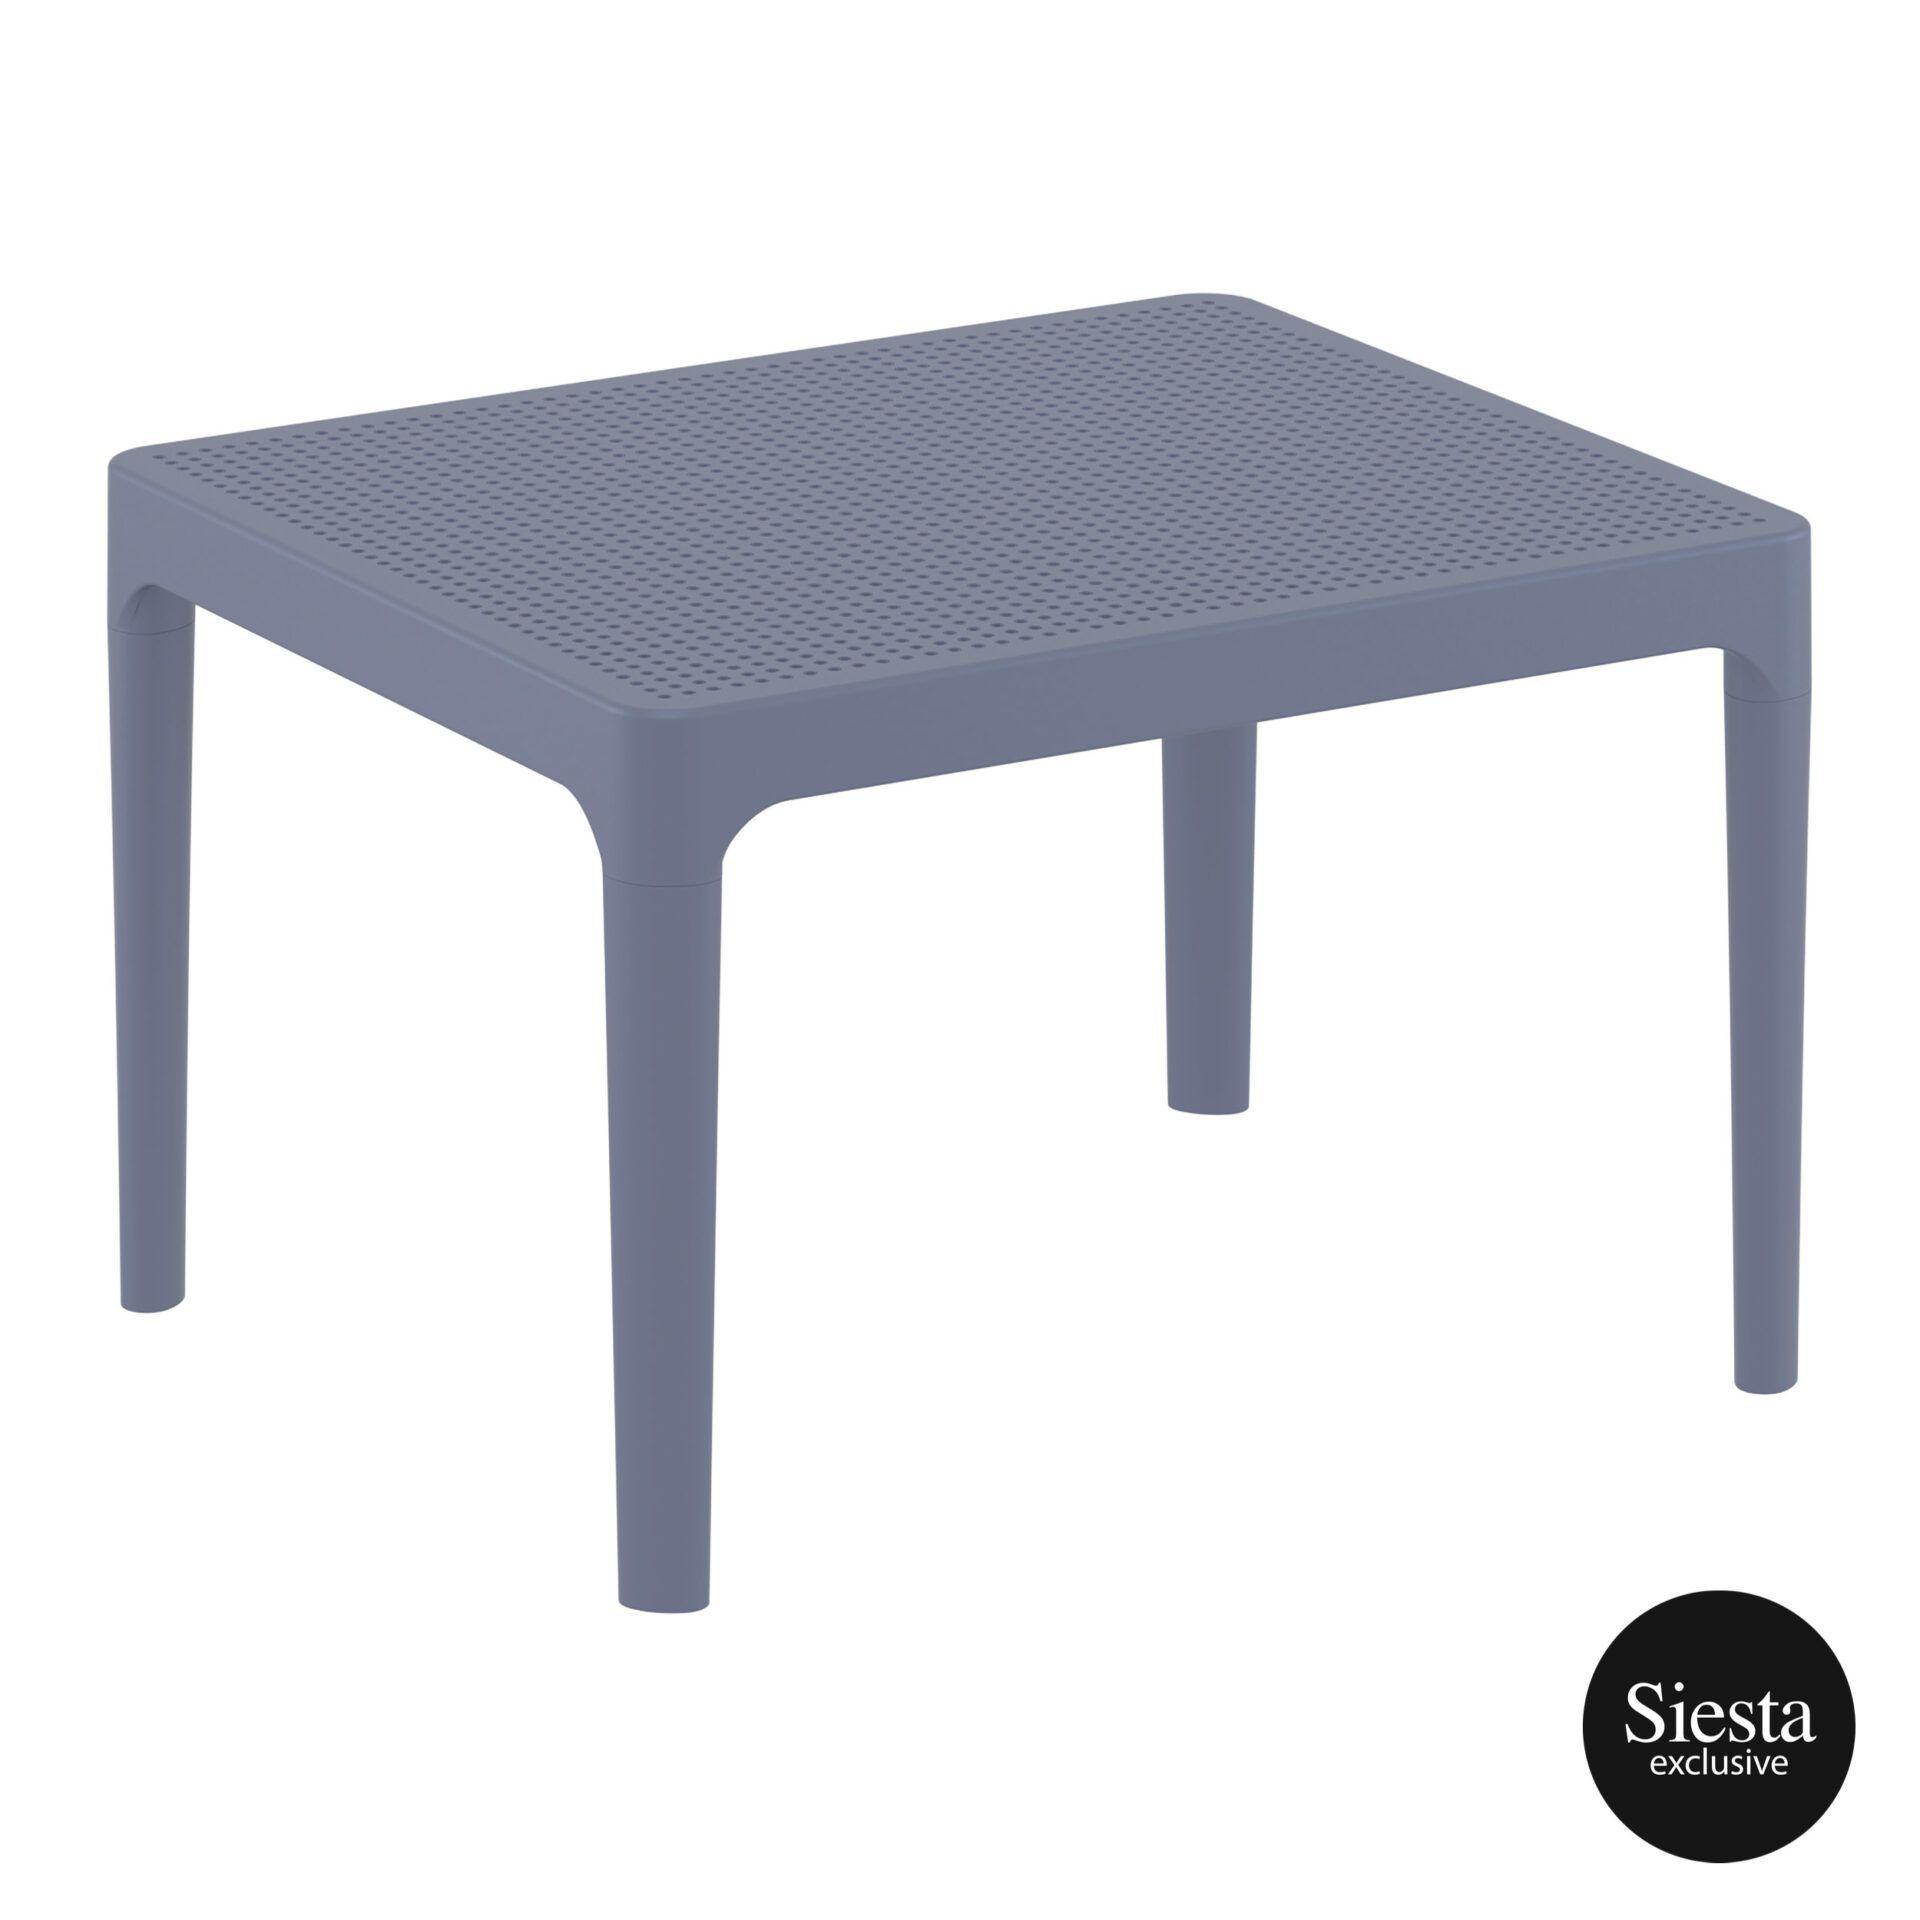 Polypropylene Outdoor Sky Side Table darkgrey front side